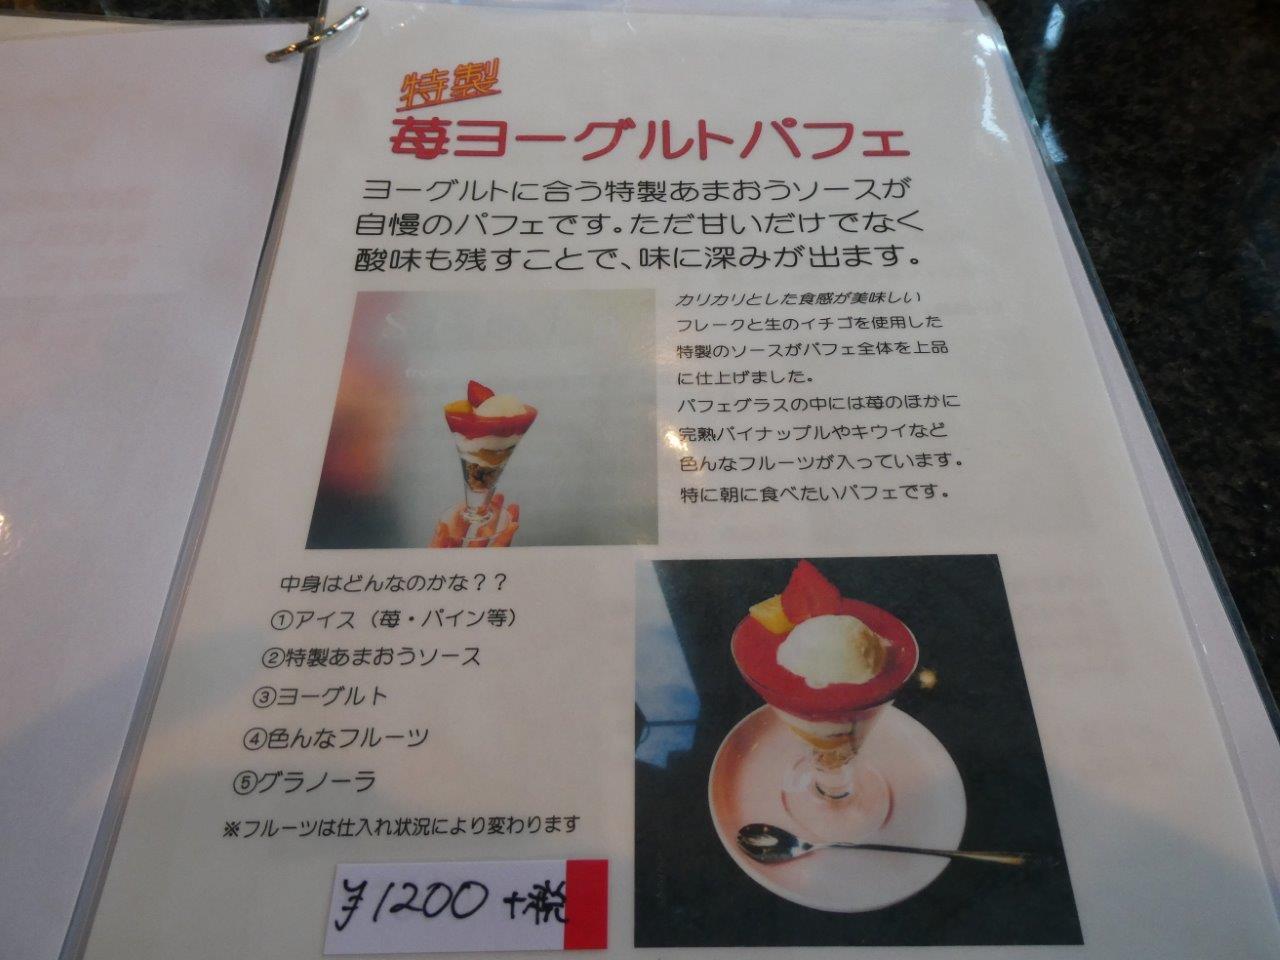 千馬ミヤビ (Miyabi)果物に精通した_d0106134_16005687.jpg